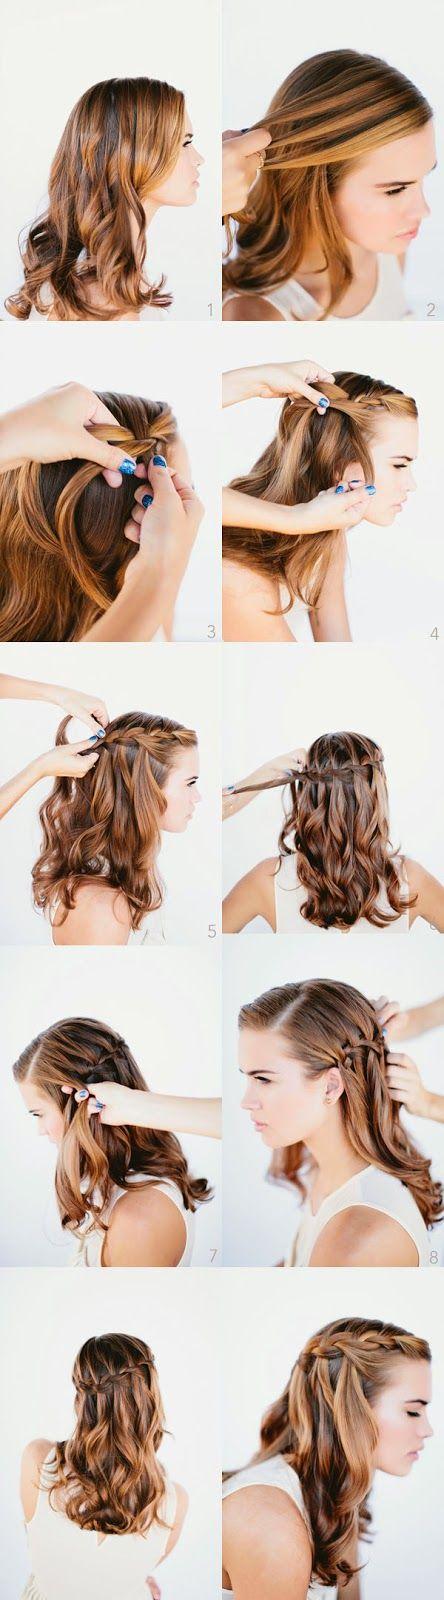 تعلم تسريحة شعر رائعة ومميزة